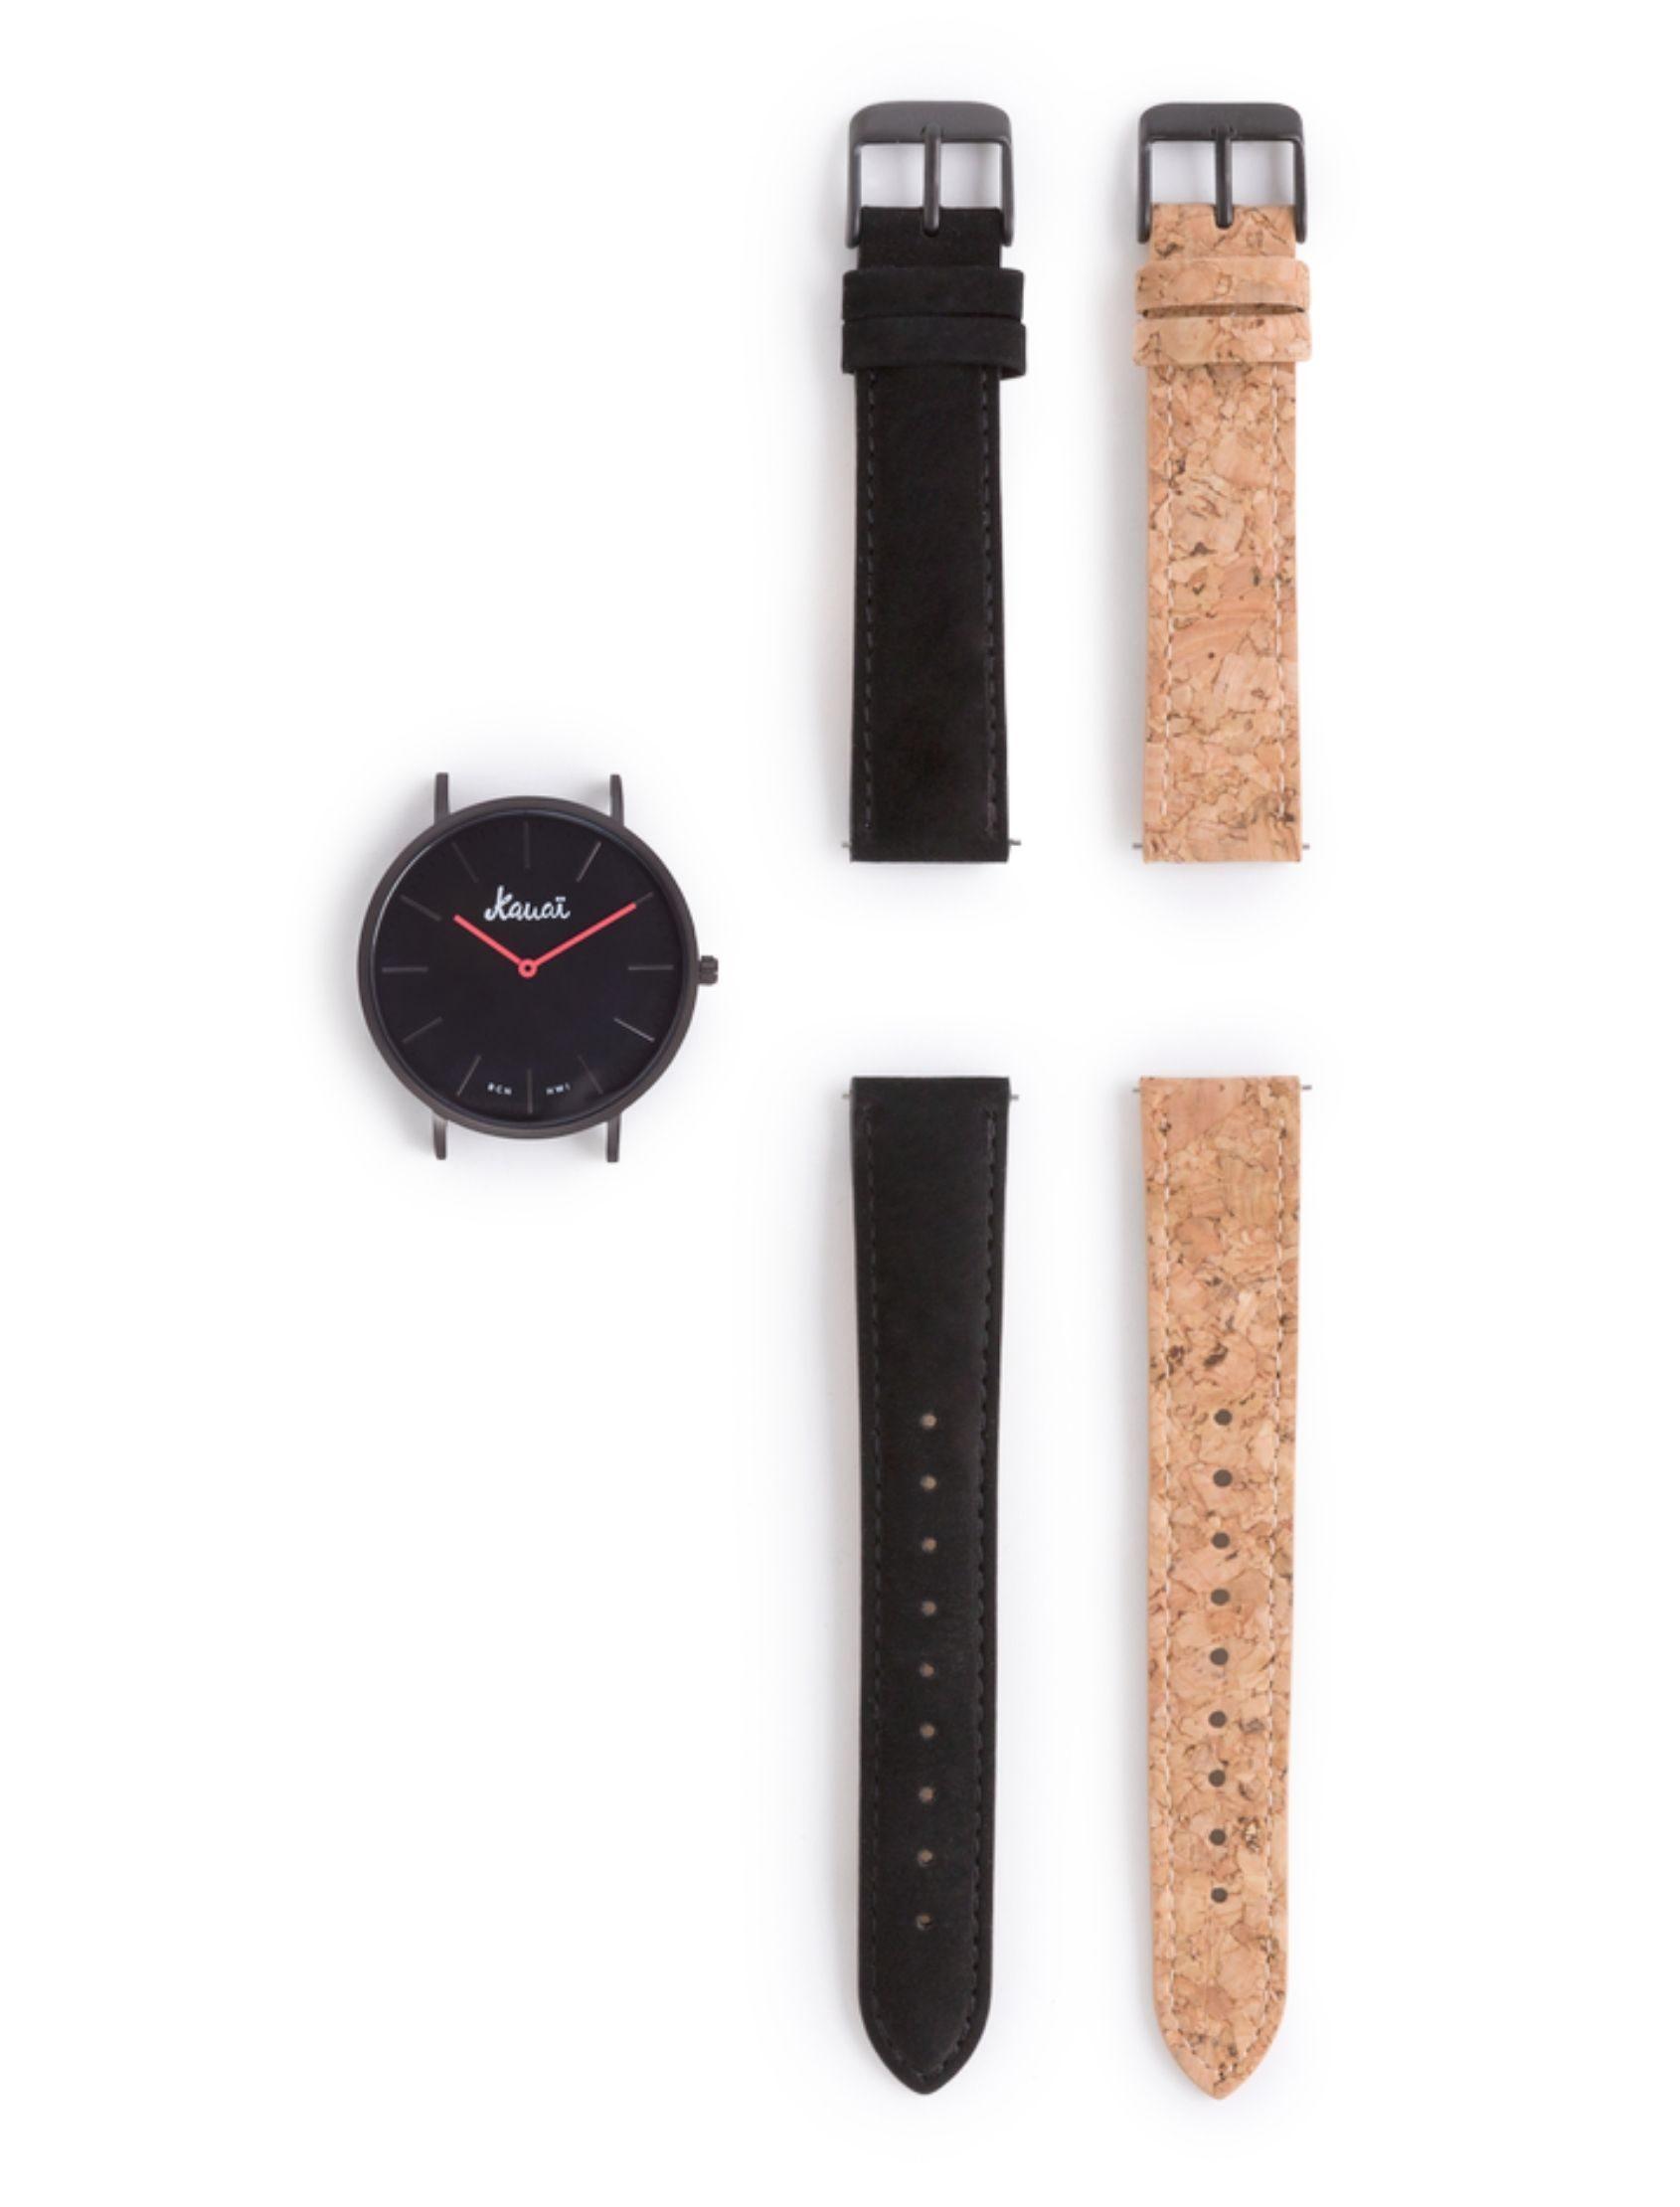 pack reloj aloha black con dos correas una aterciopelada negra y otra de corcho0. esfera negra con agujas rojas